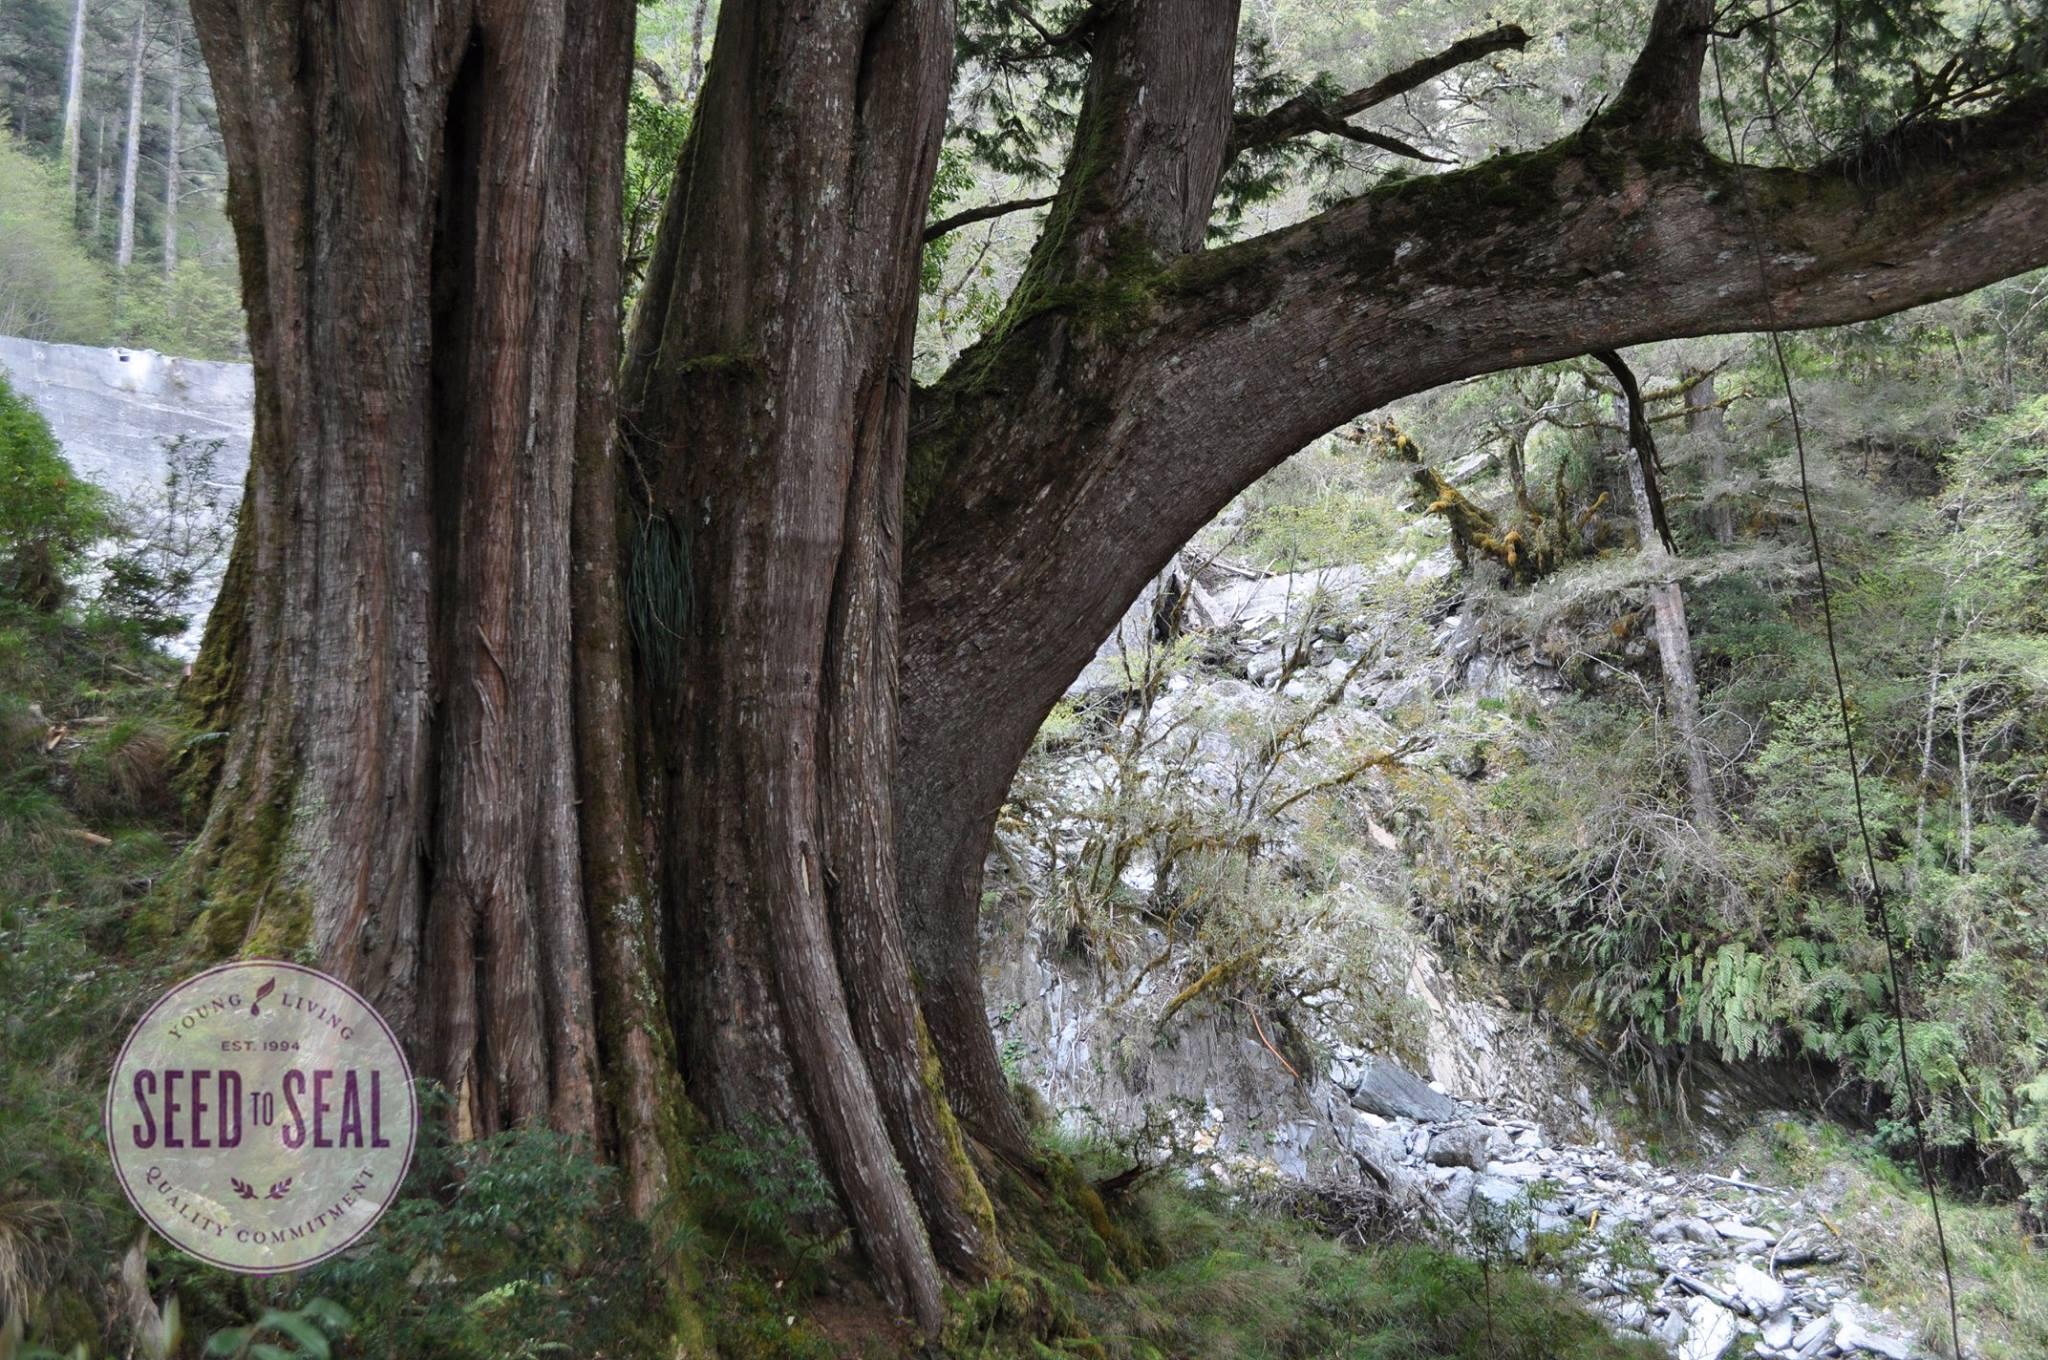 Hong Kuai Tree of Taiwan